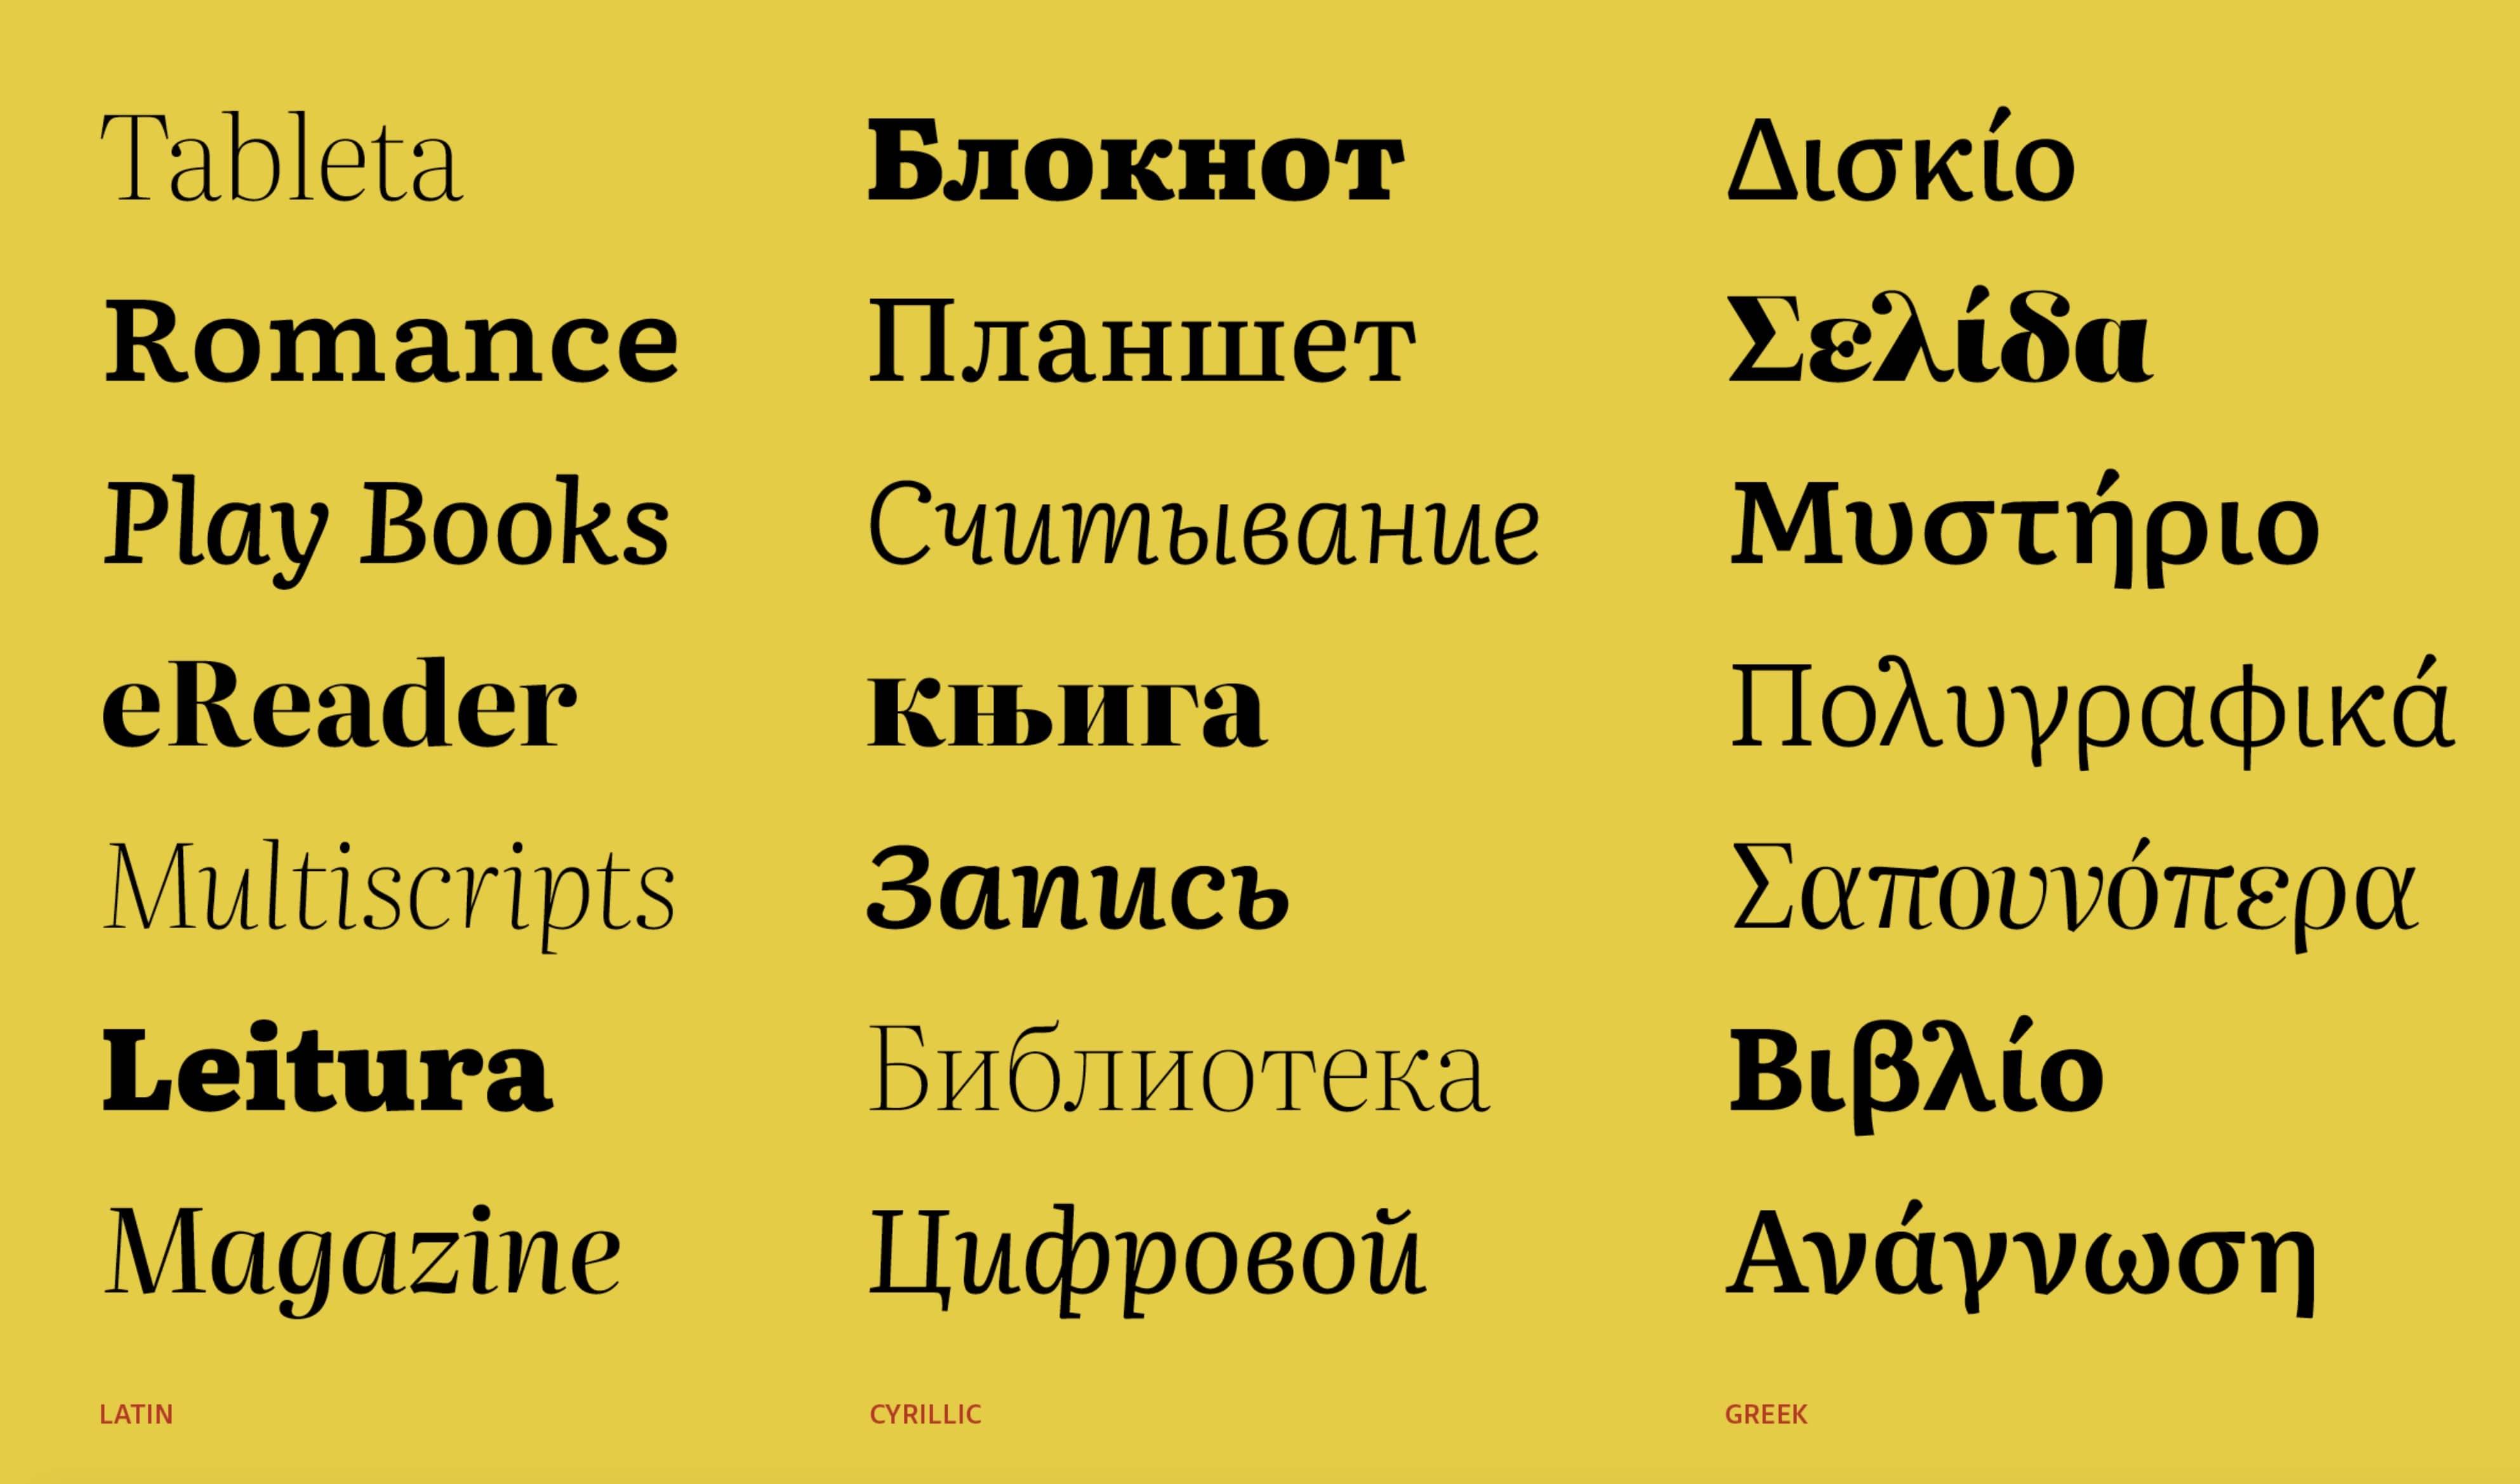 LiterataSprachen